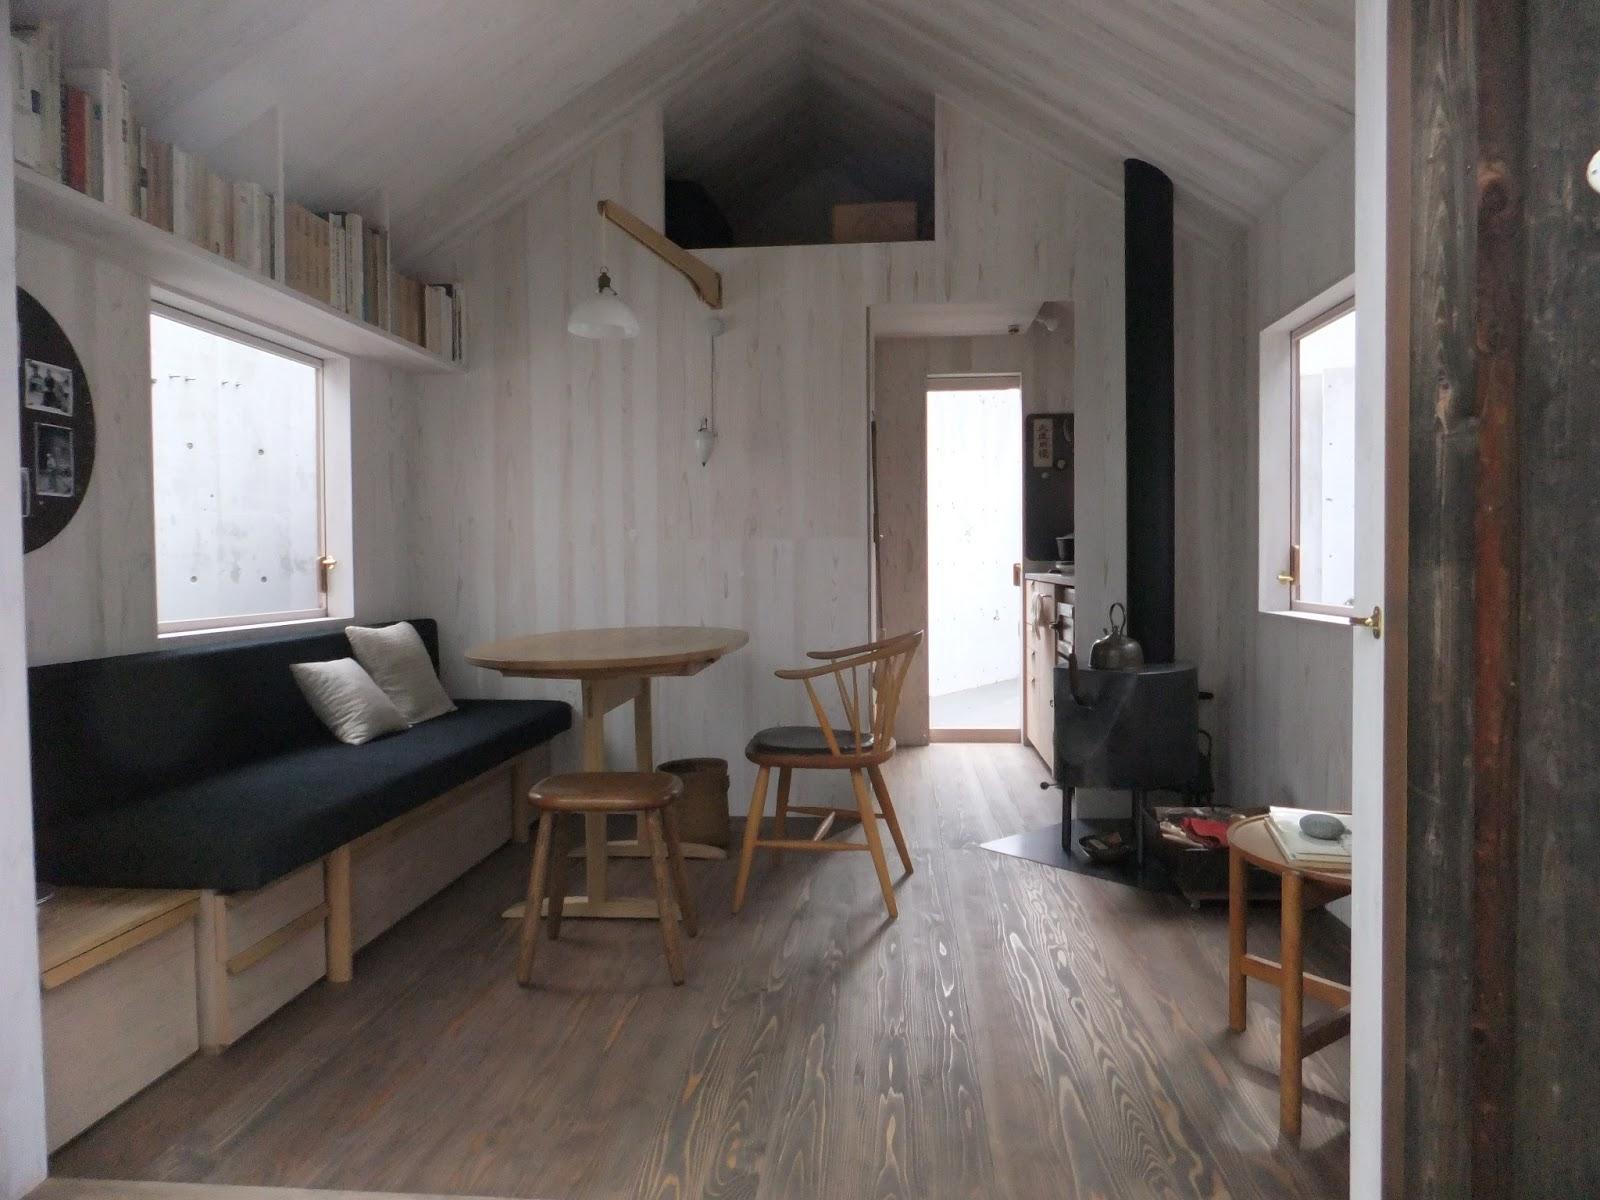 徳島の建築家 共建築設計事務所のBlog: 小屋の暮らし 徳島の建築家 共建築設計事務所のBlo